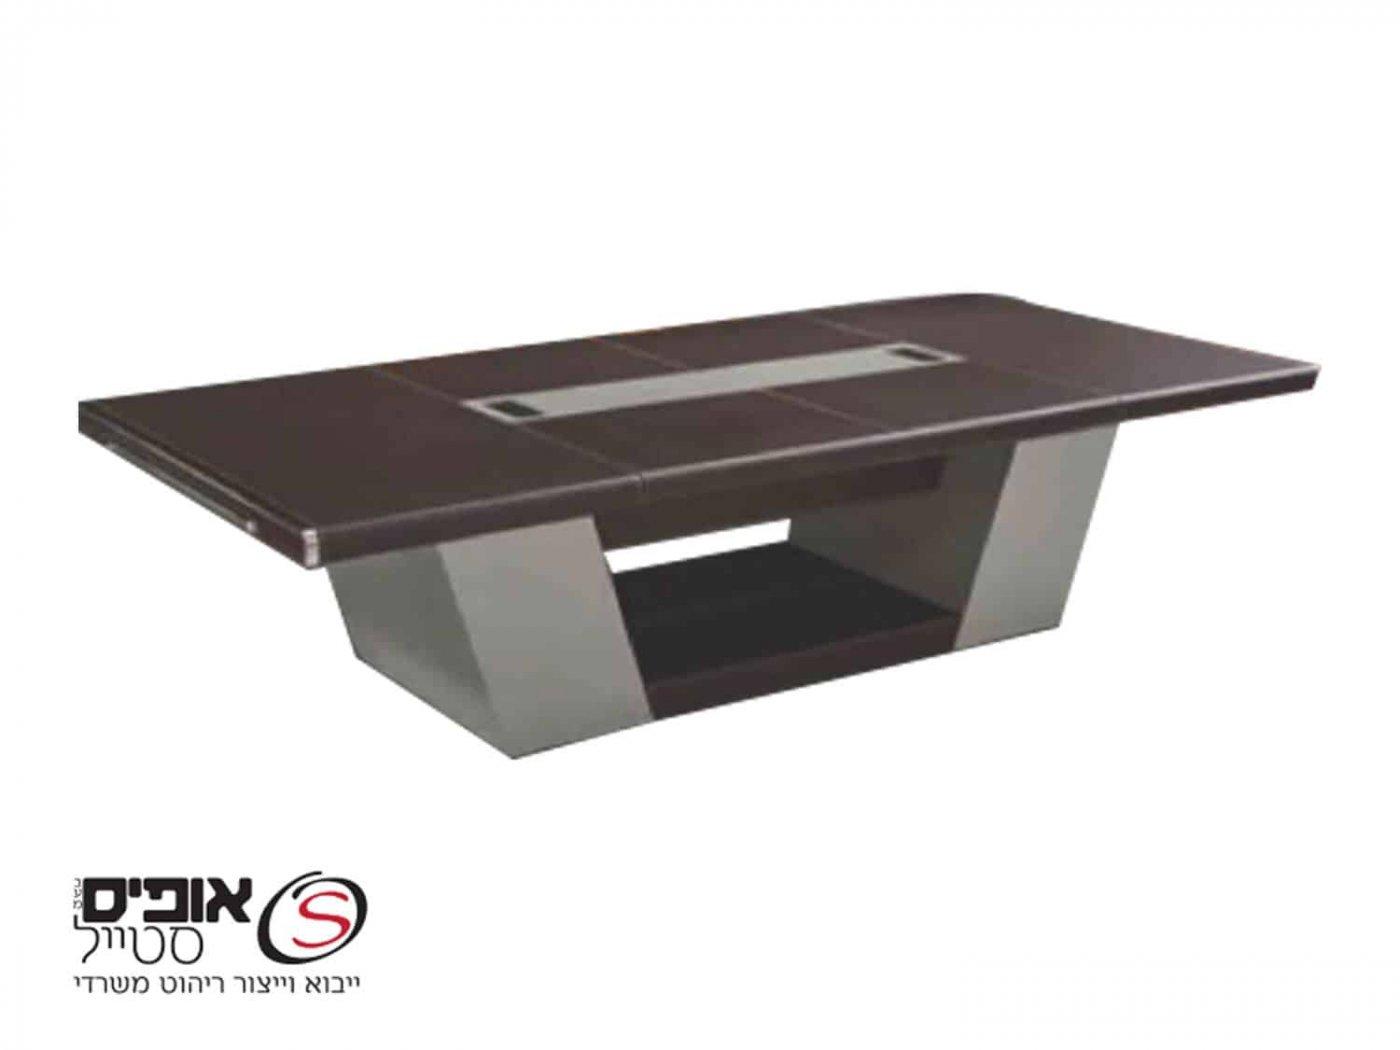 שולחן ישיבות גדול ומפואר תומר